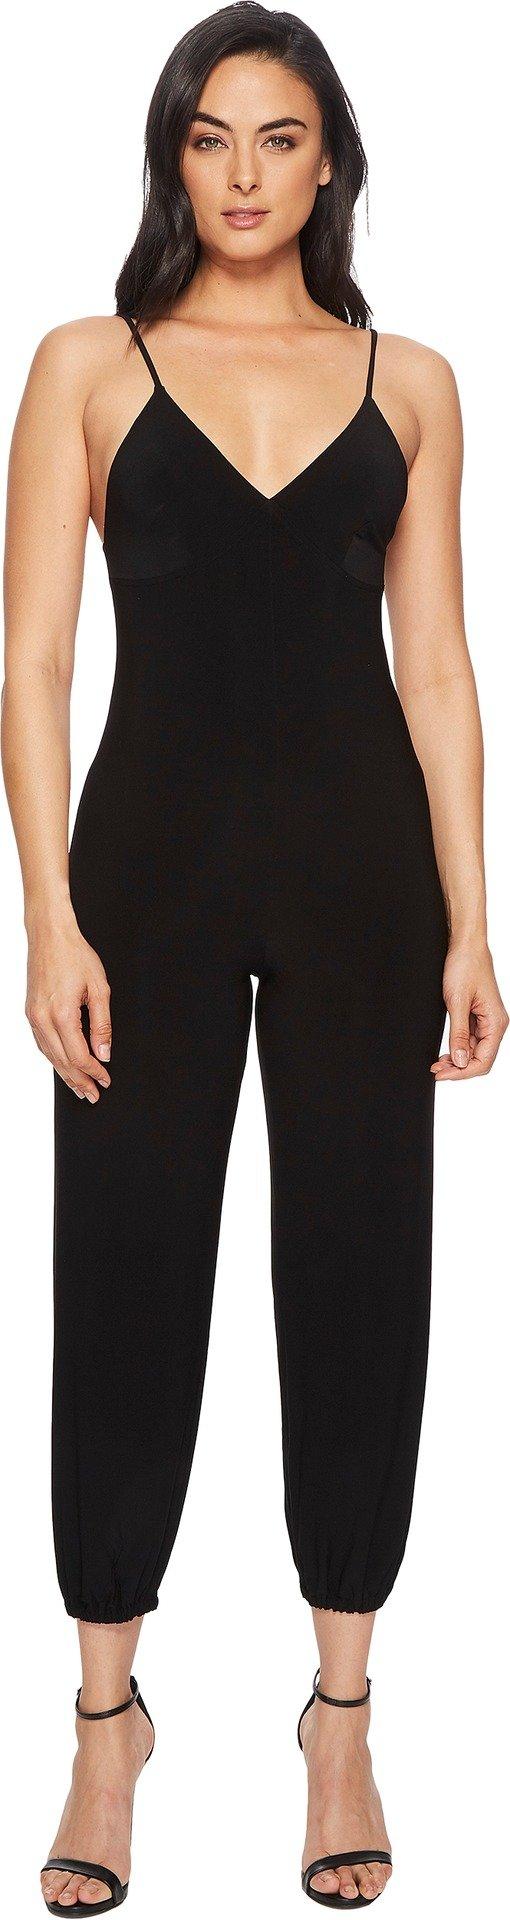 KAMALIKULTURE Women's Slip Jog Jumpsuit, Black, Medium by KAMALIKULTURE